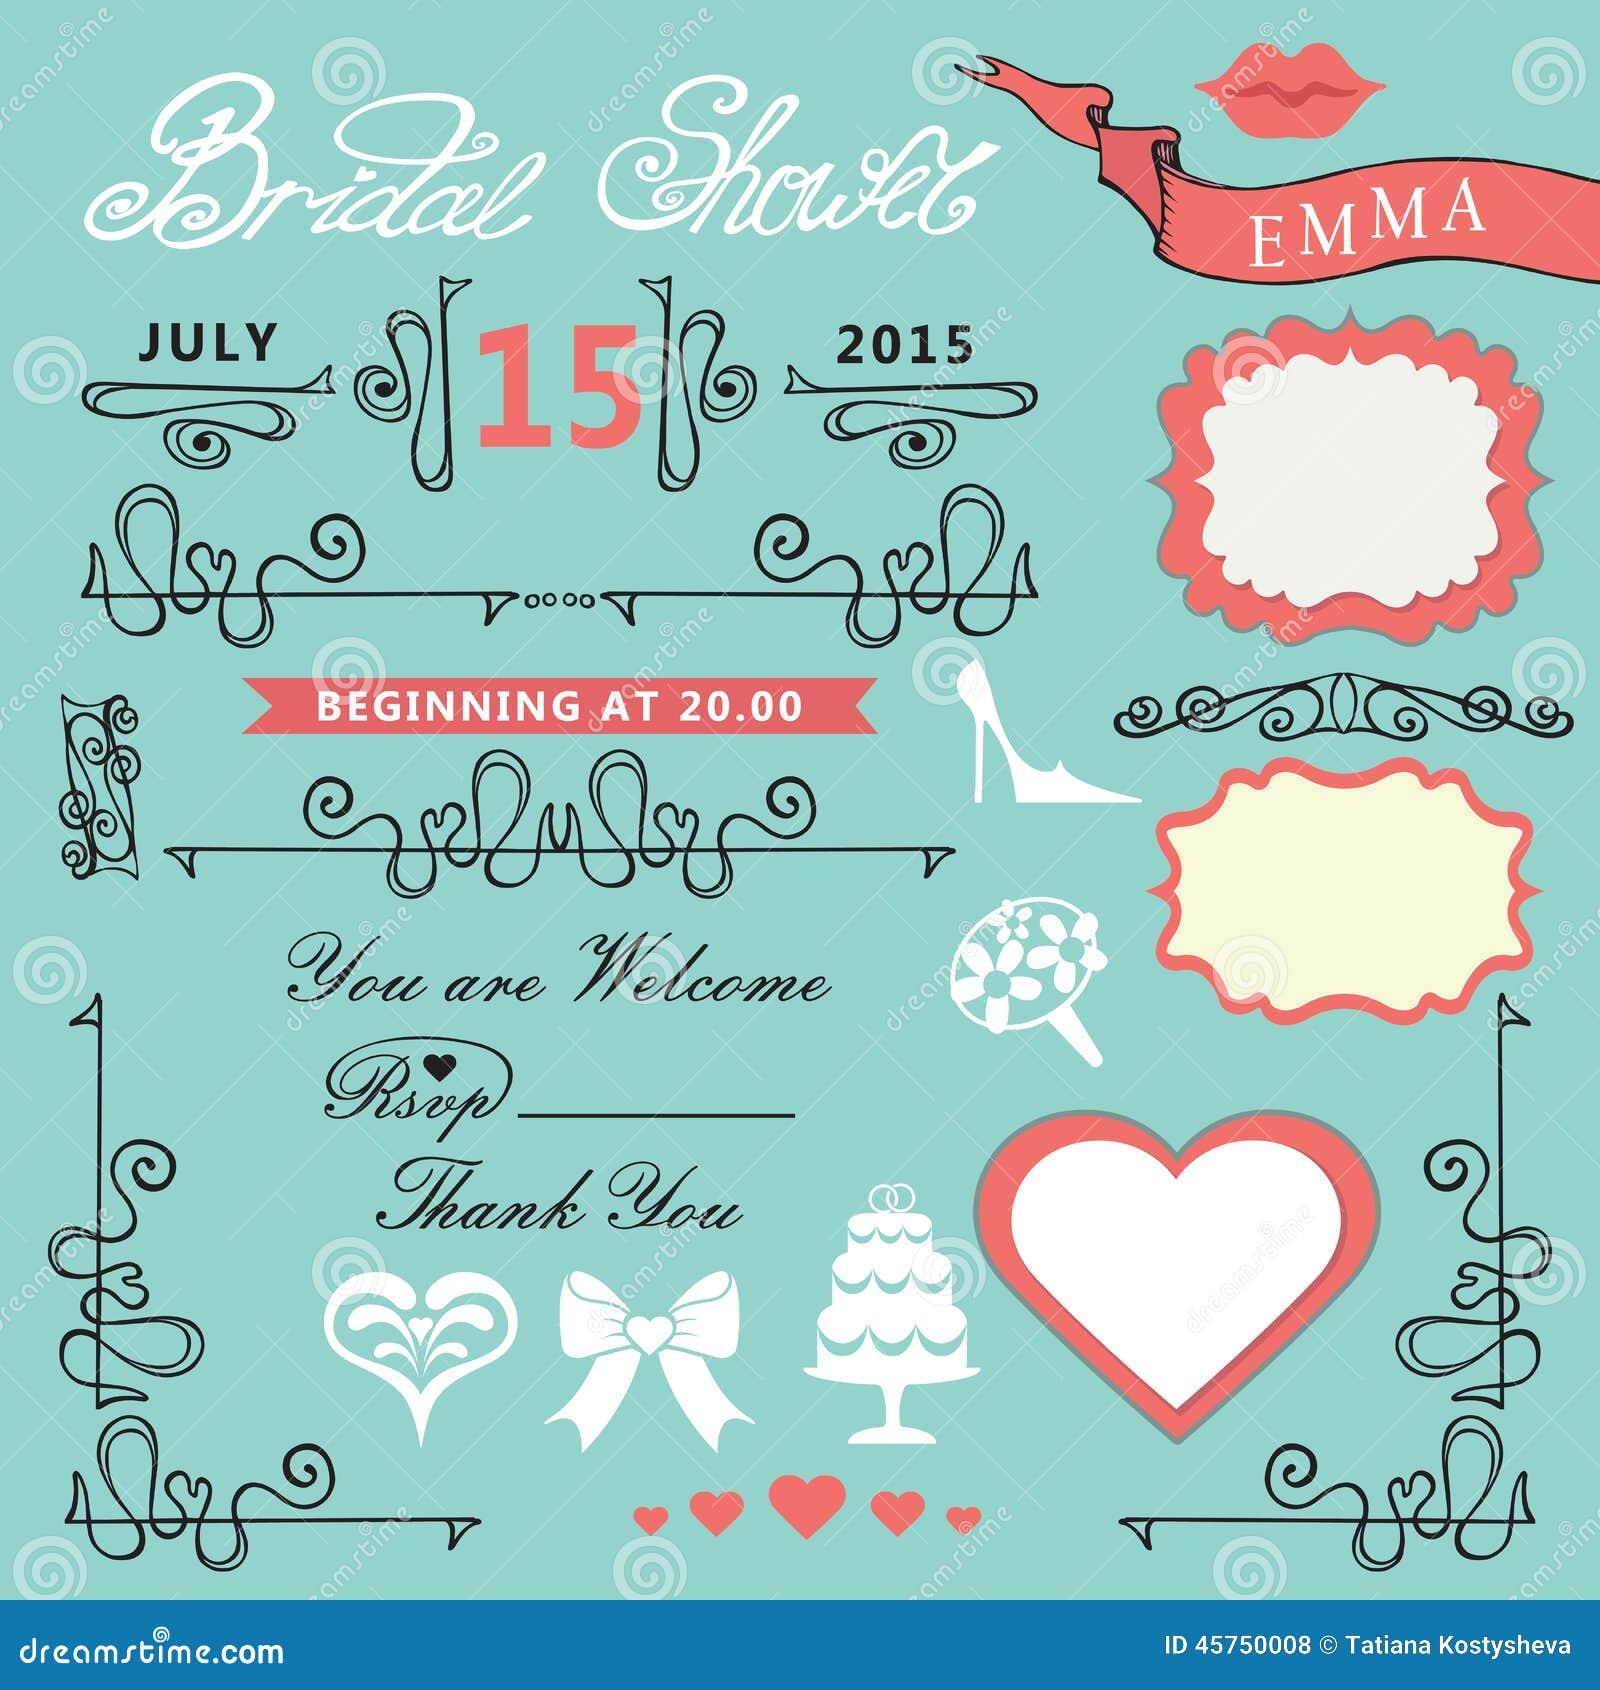 bridal shower design elements set